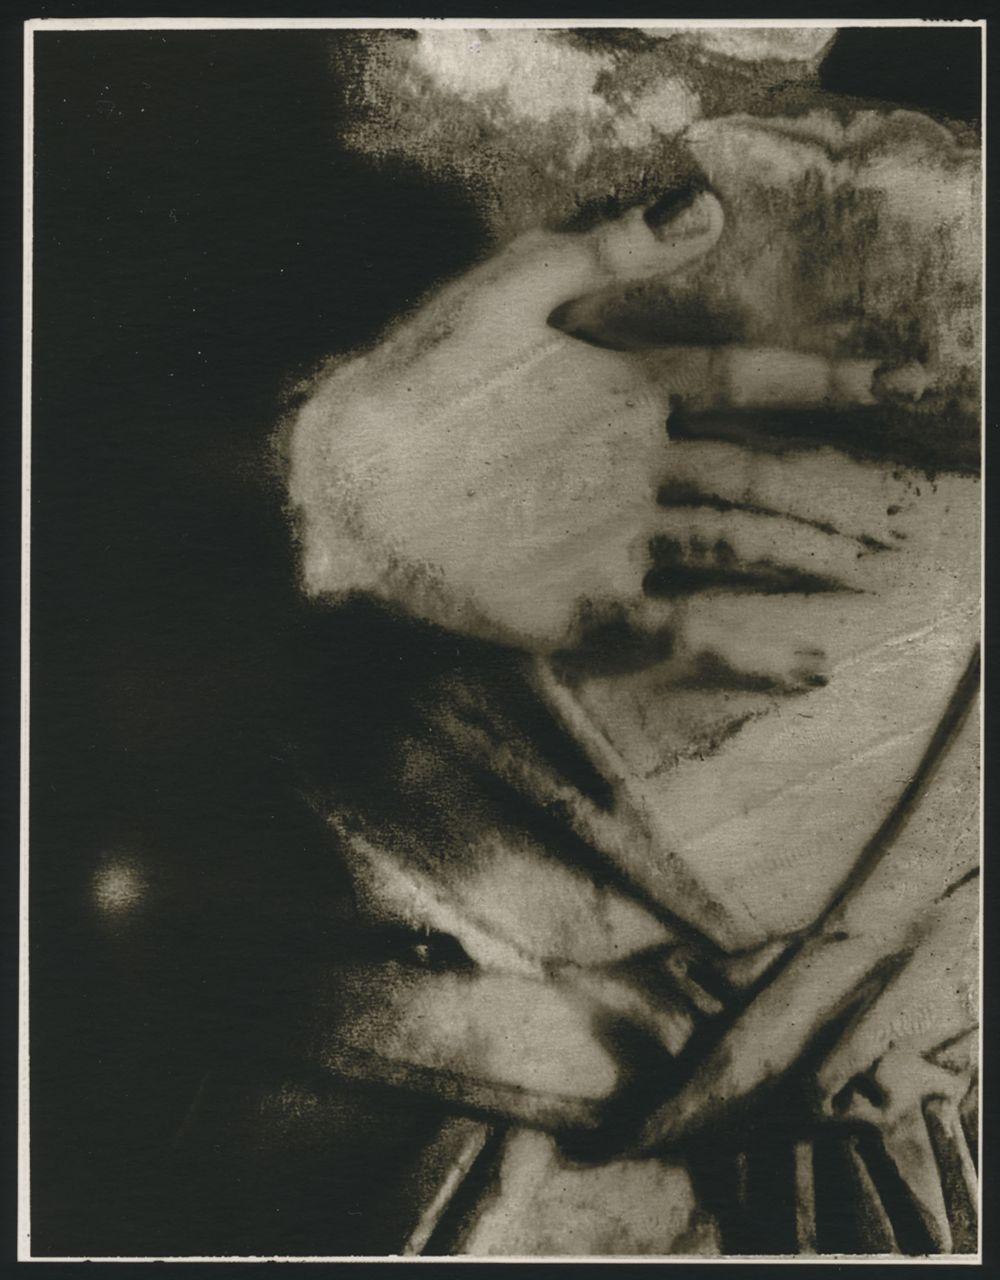 サラ ムーン写真展 「D'un jour à l'autre  巡りゆく日々」